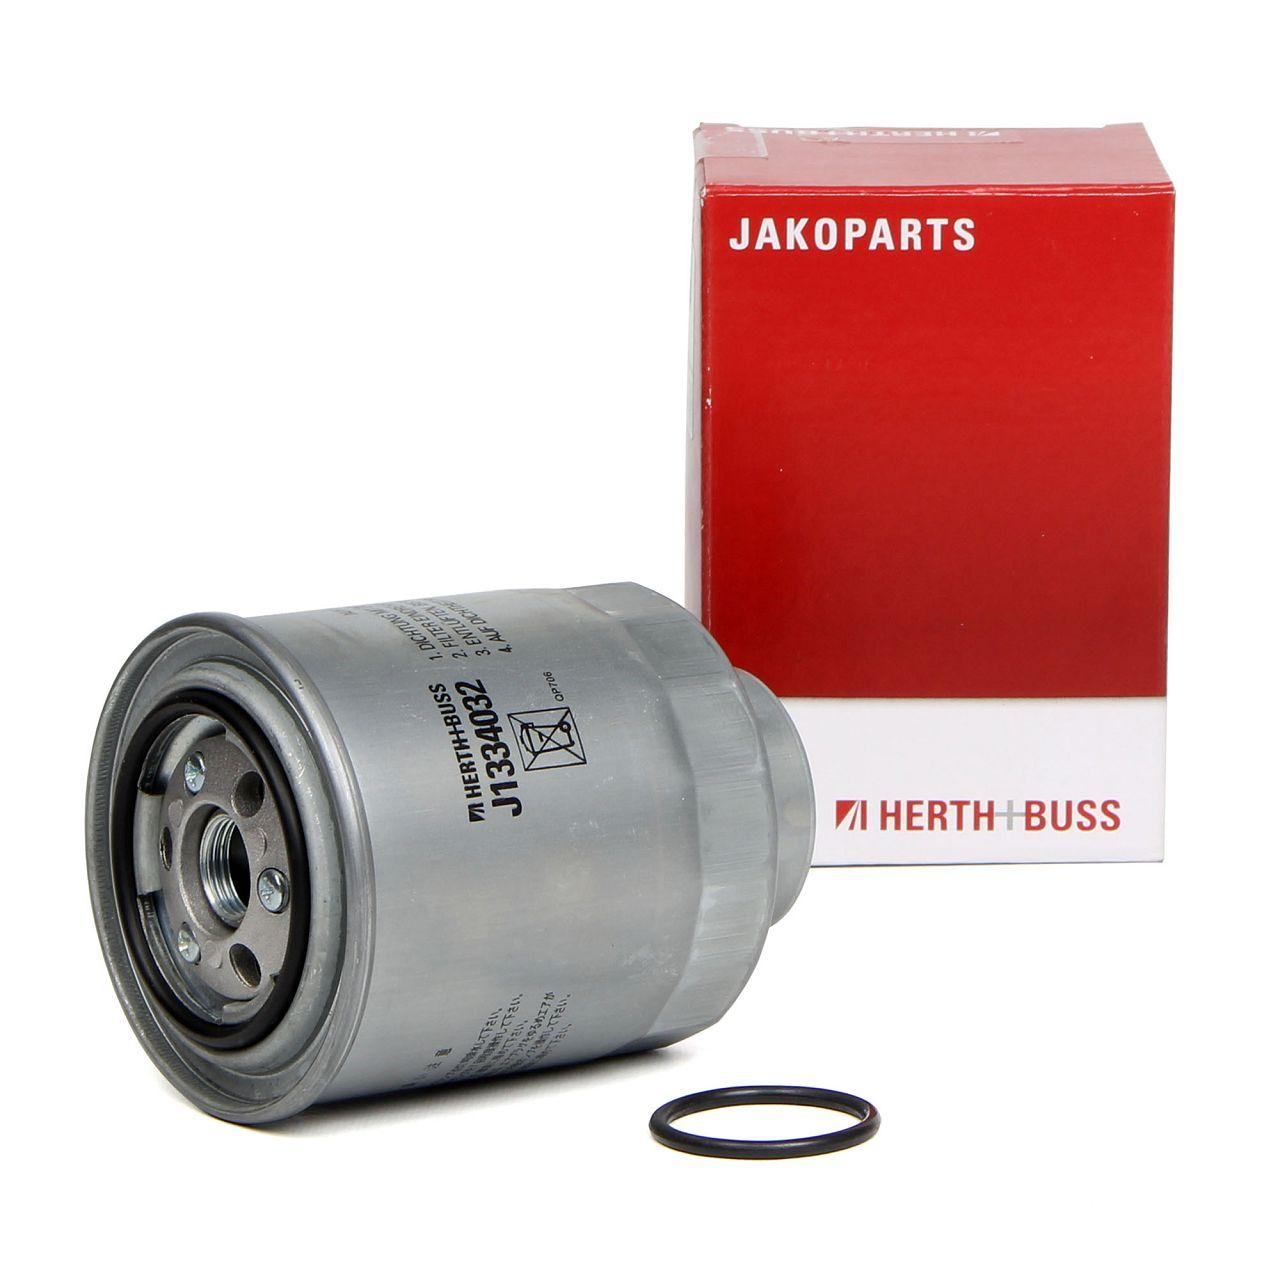 HERTH+BUSS JAKOPARTS Kraftstofffilter Dieselfilter für HONDA ACCORD 7 CR-V